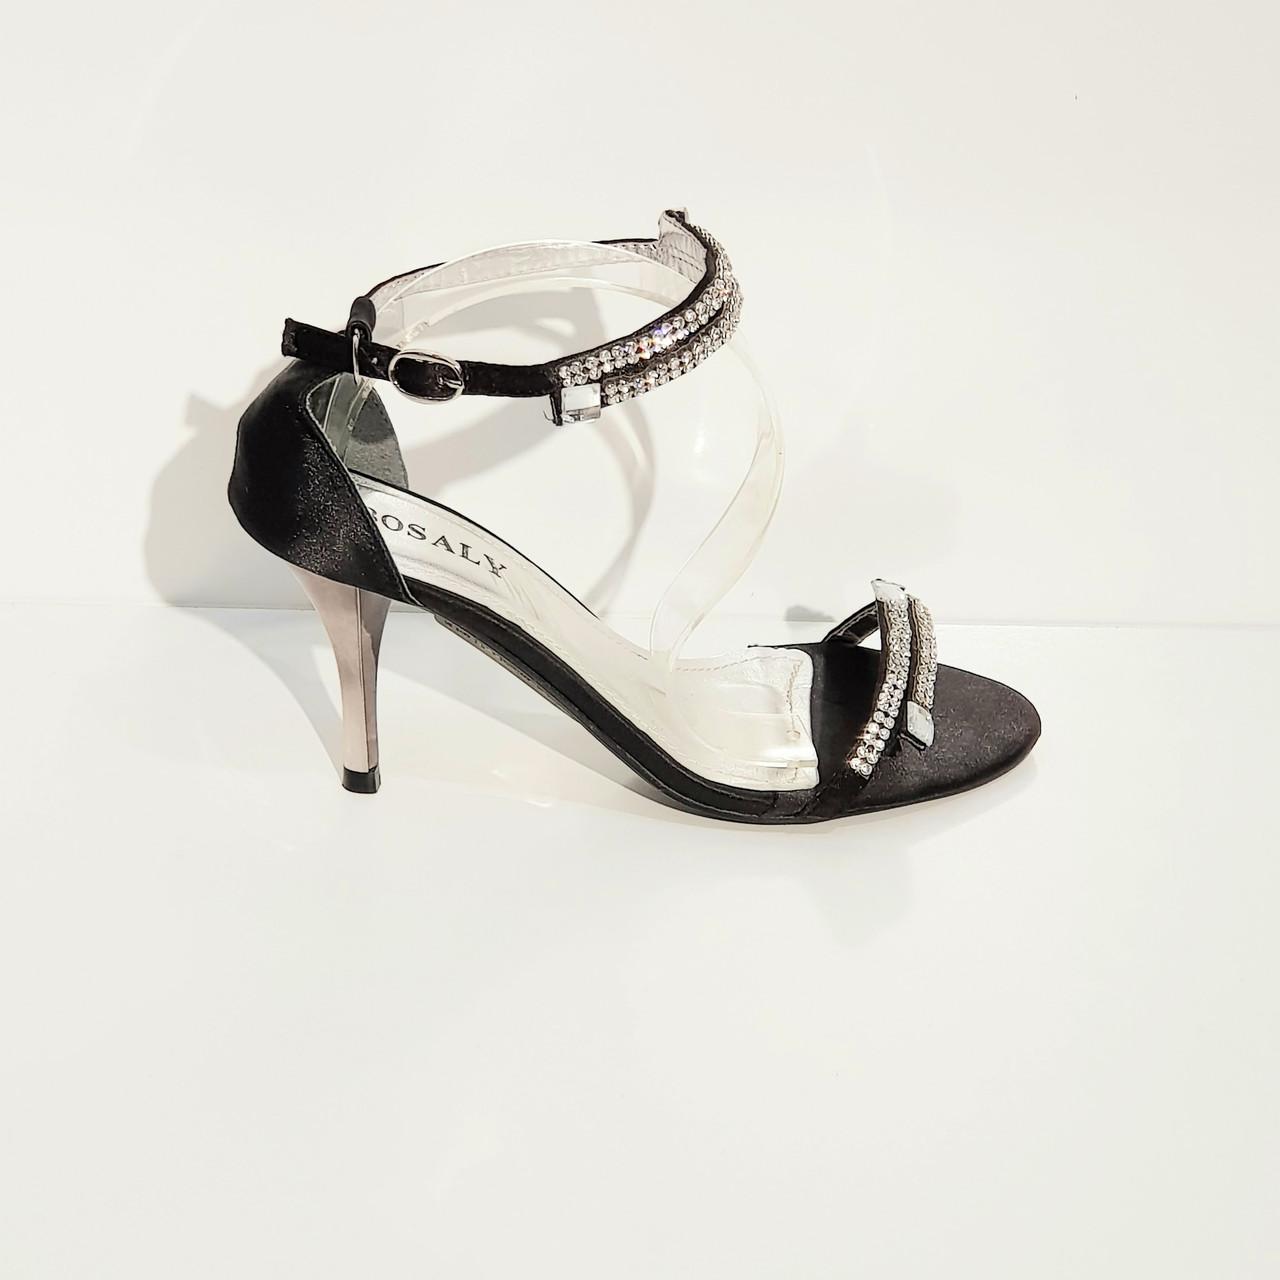 Босоножки женские текстильные на высоком клиновидном каблуке черные 38